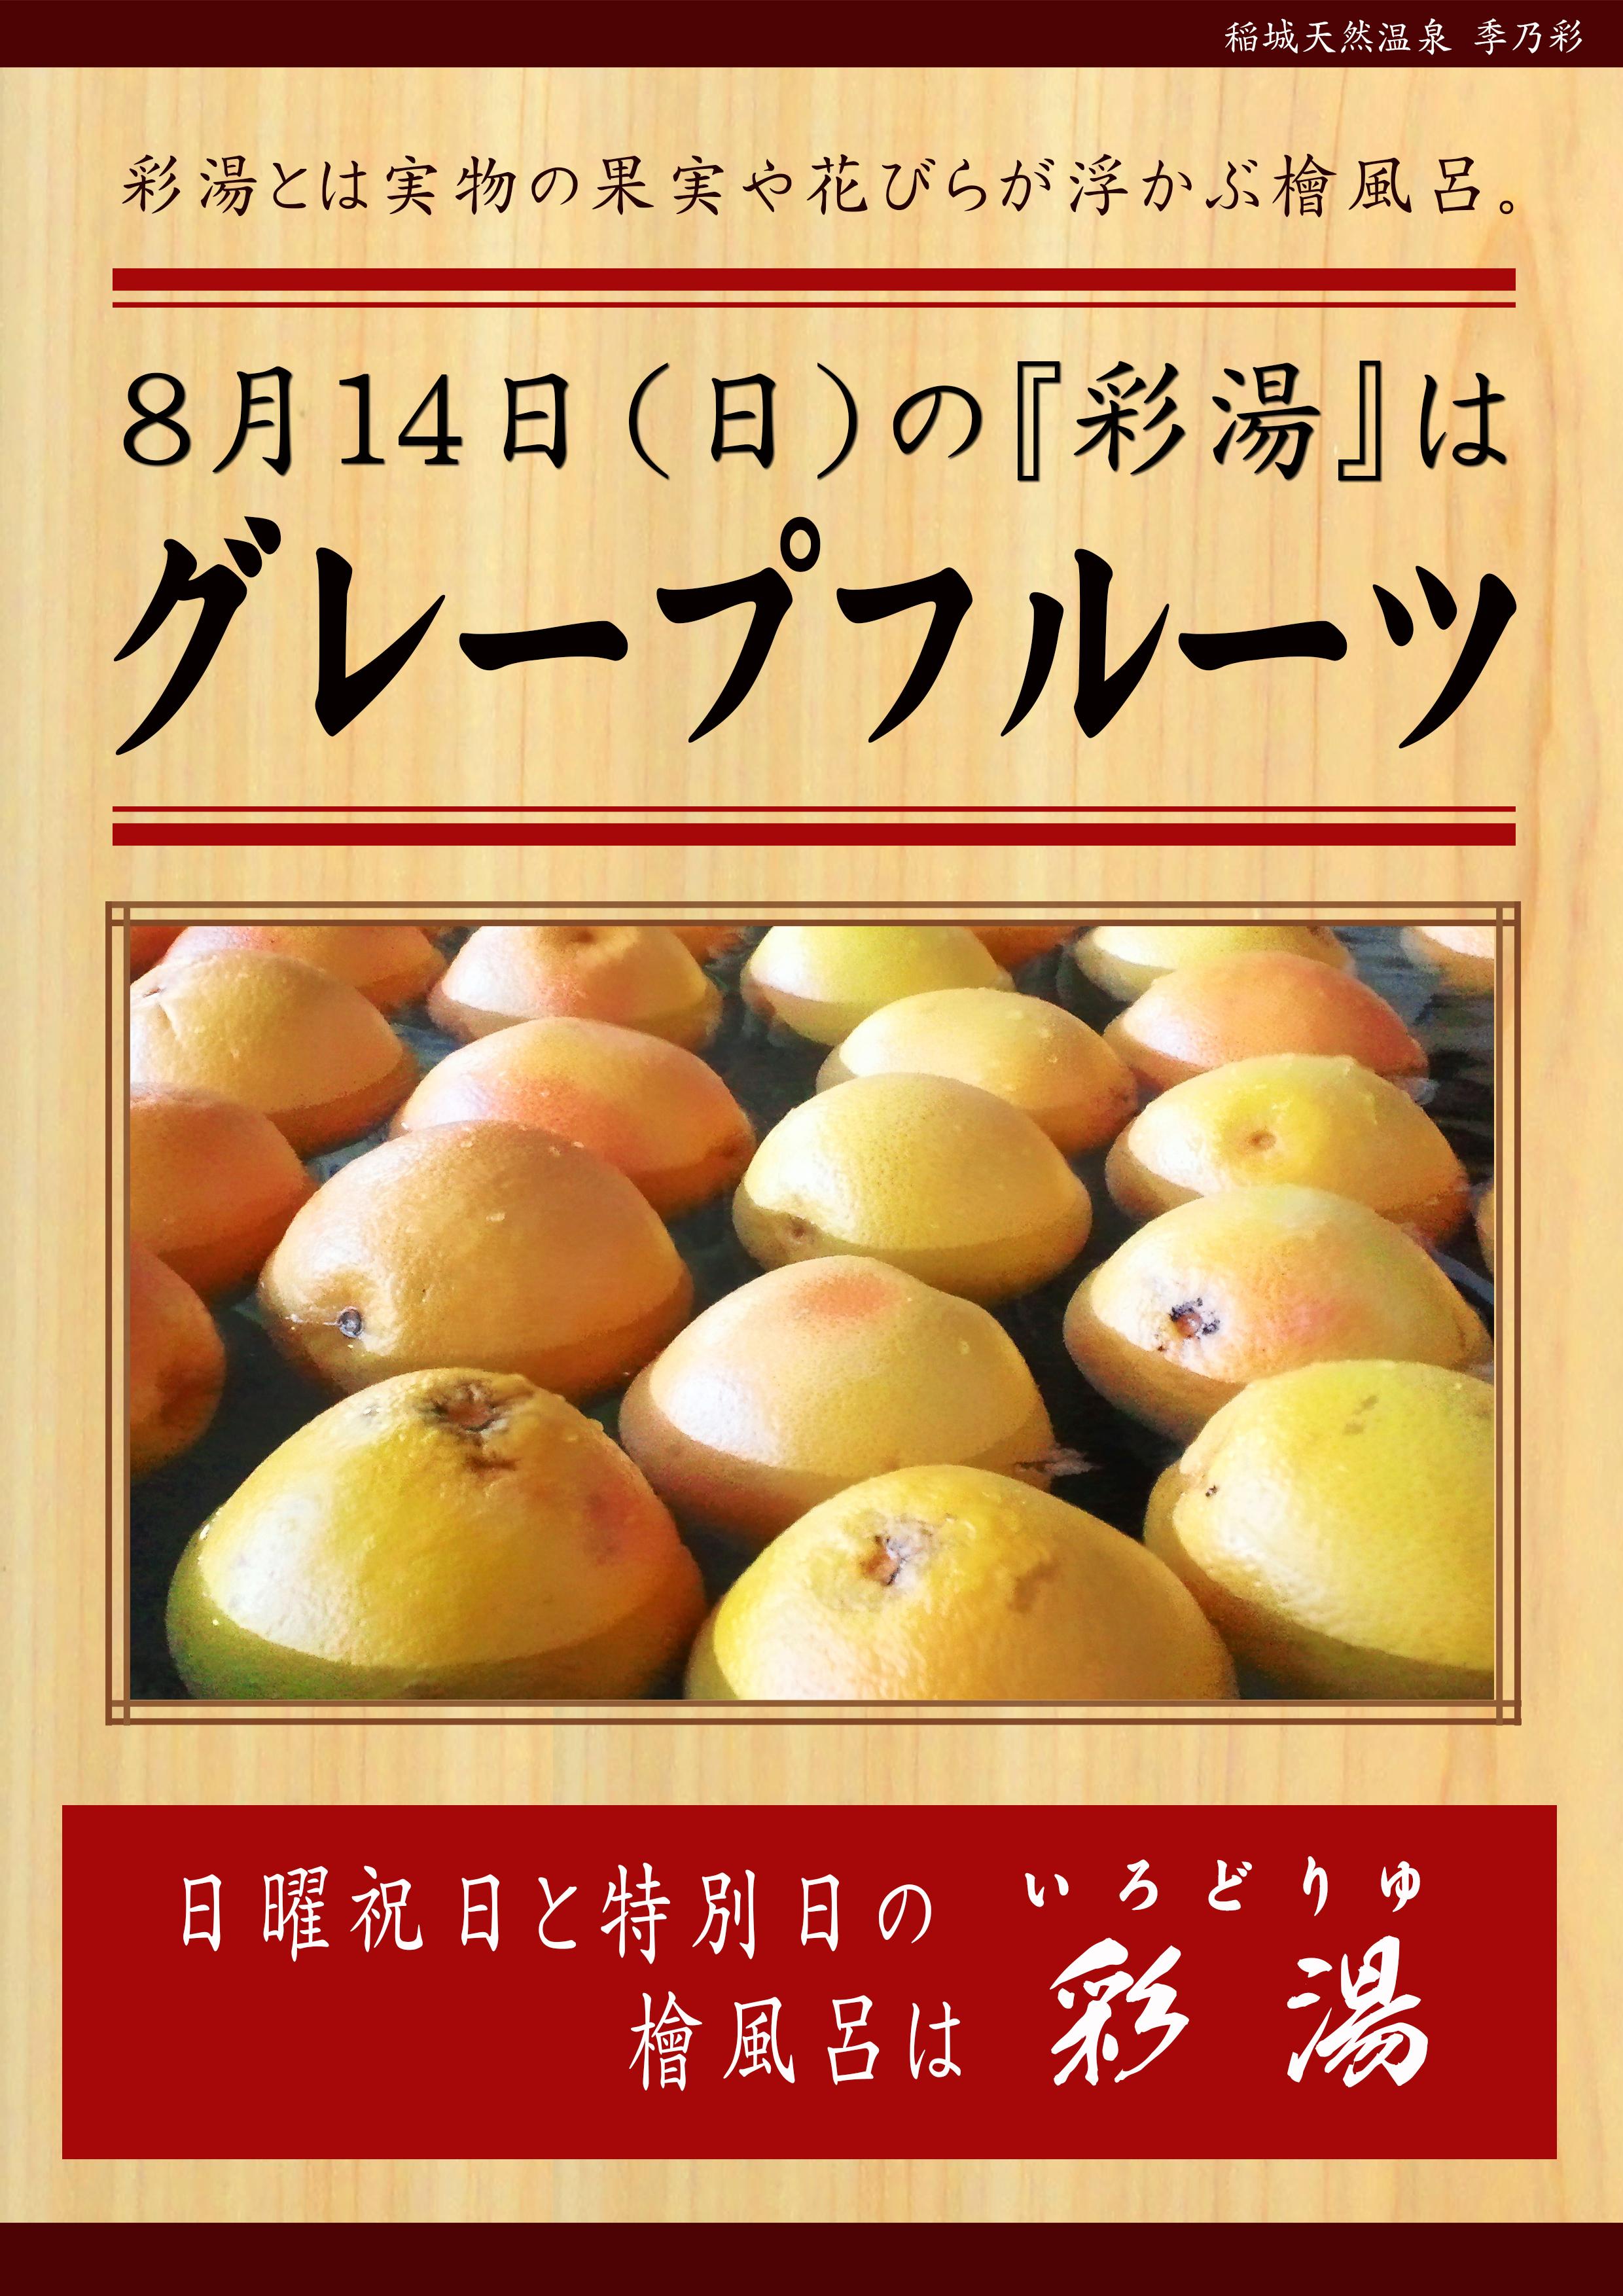 20160814 彩湯 グレープフルーツ